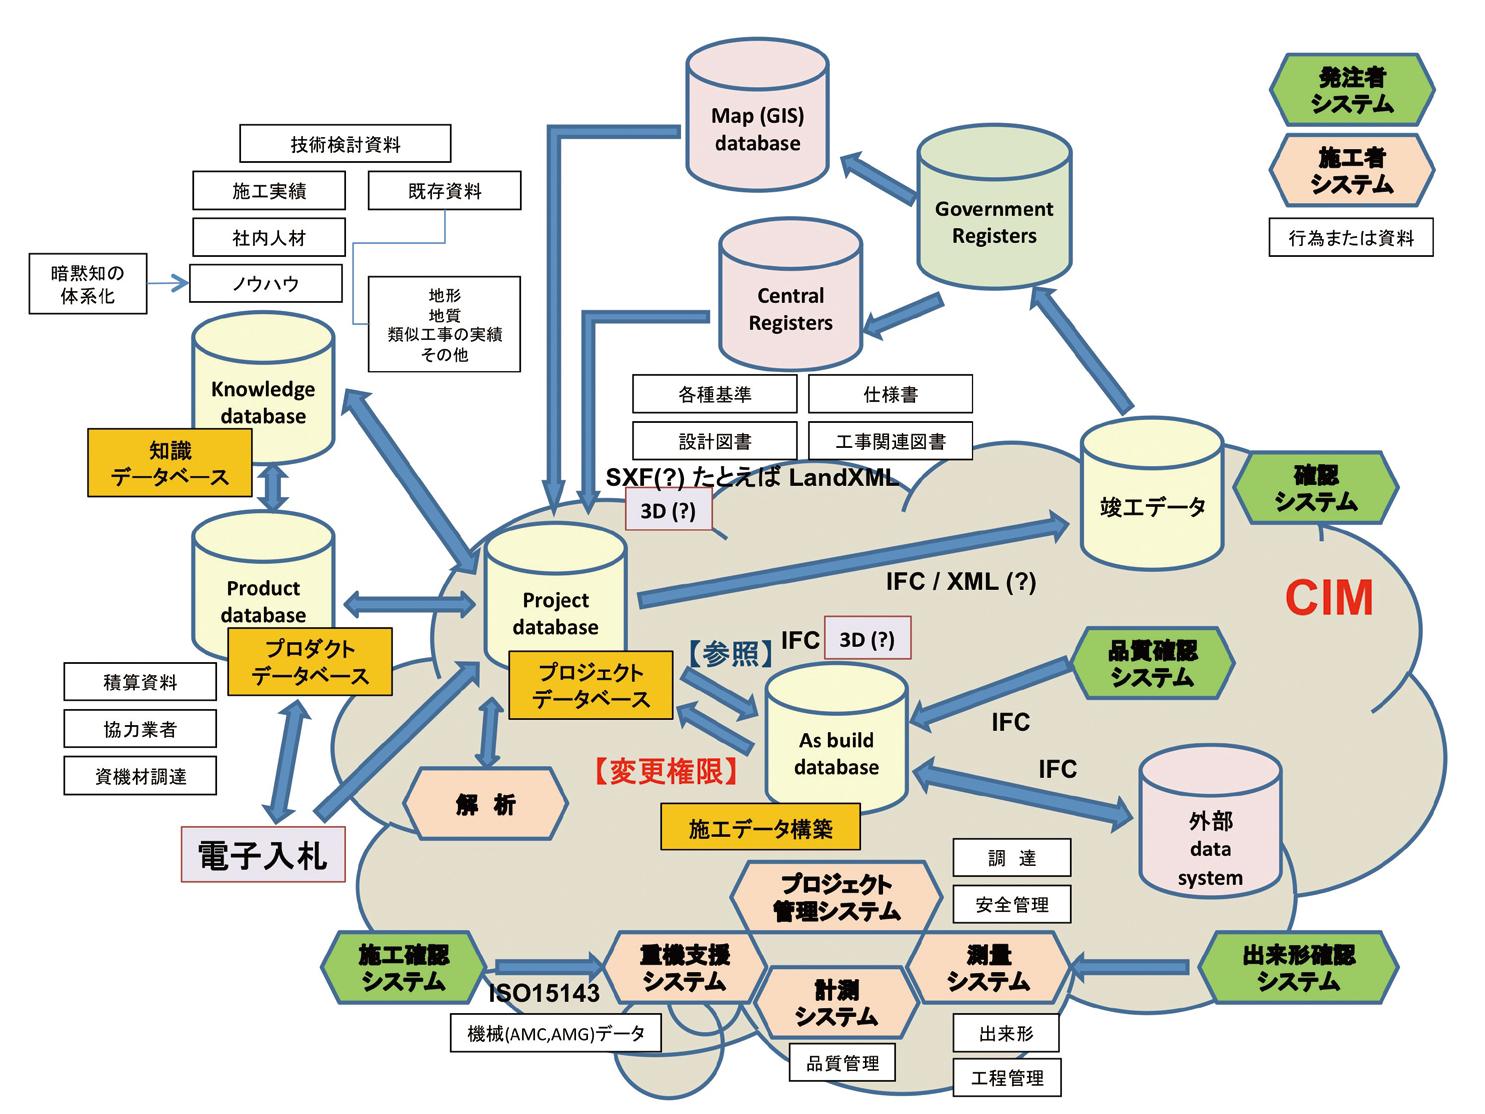 図-7 CIMのイメージ